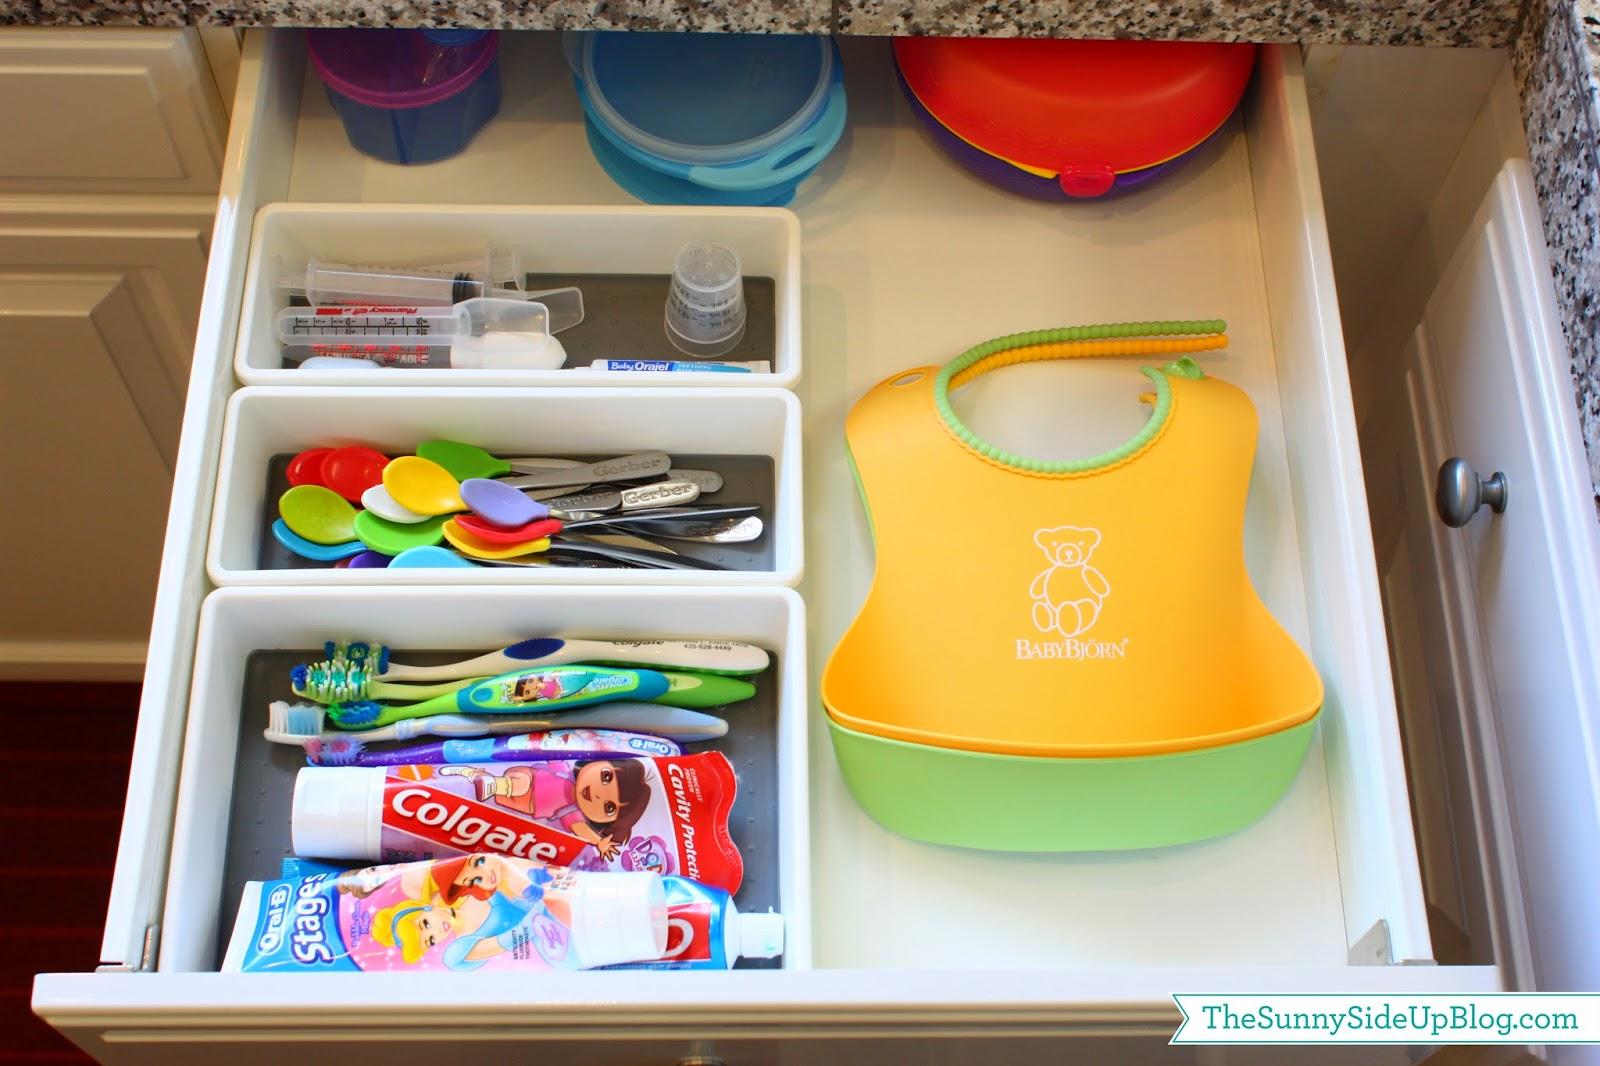 Organized kitchen sink drawer